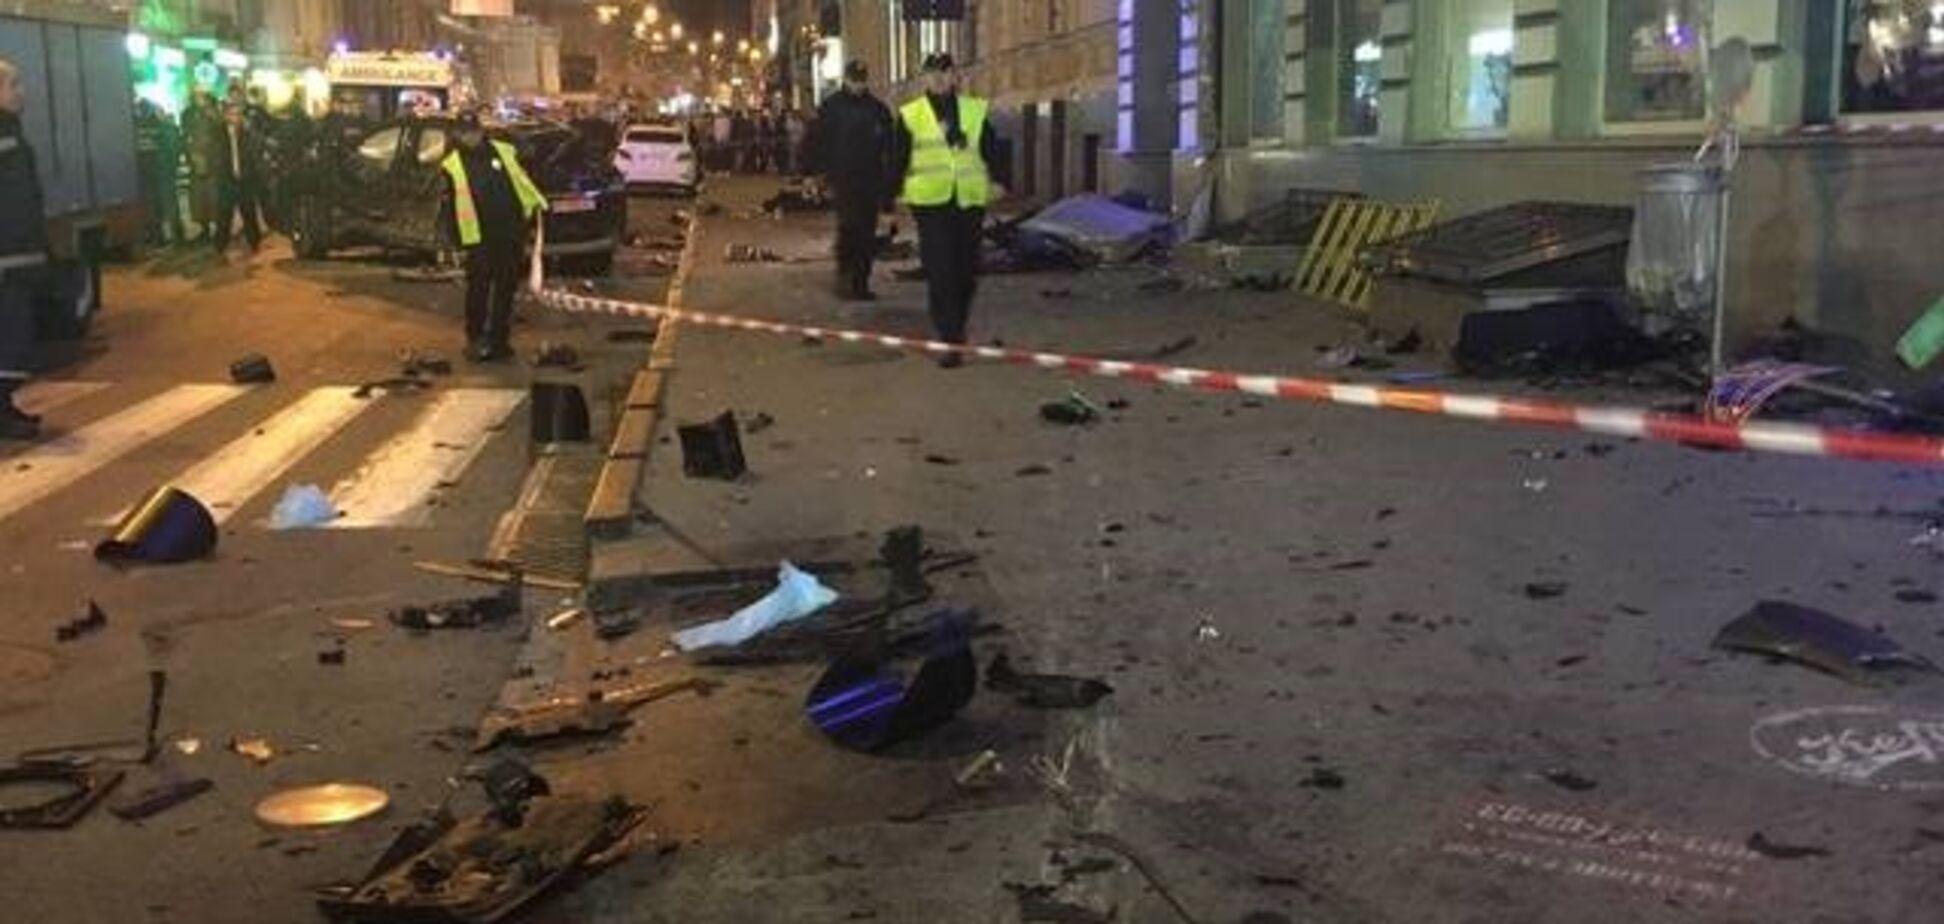 Внедорожник влетел в толпу в Харькове: появилась информация о еще одном участнике страшного ДТП